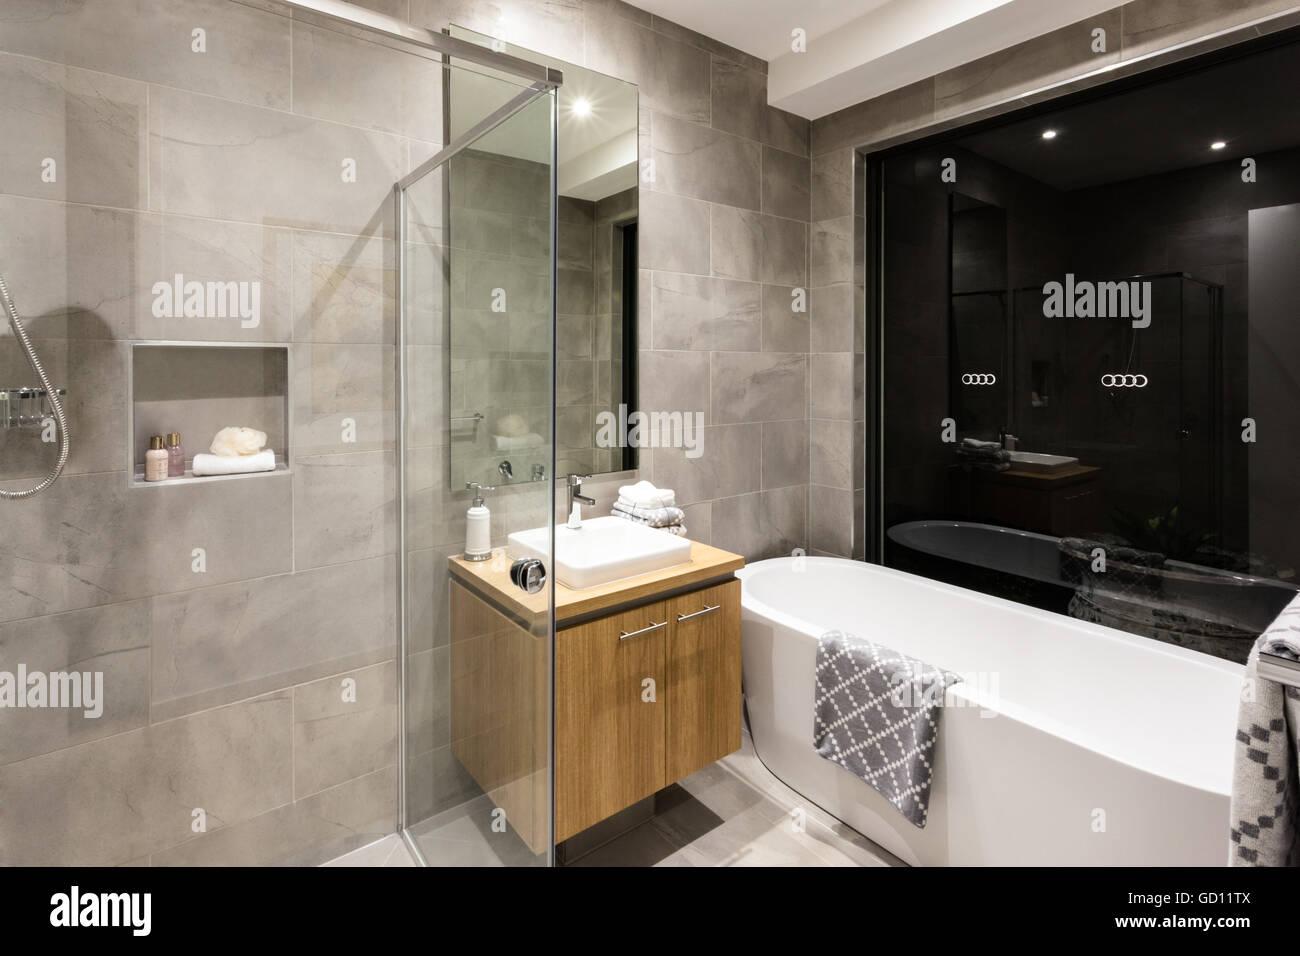 Moderno cuarto de ba o con ba era y ducha al lado de un for Cuartos de bano modernos con ducha